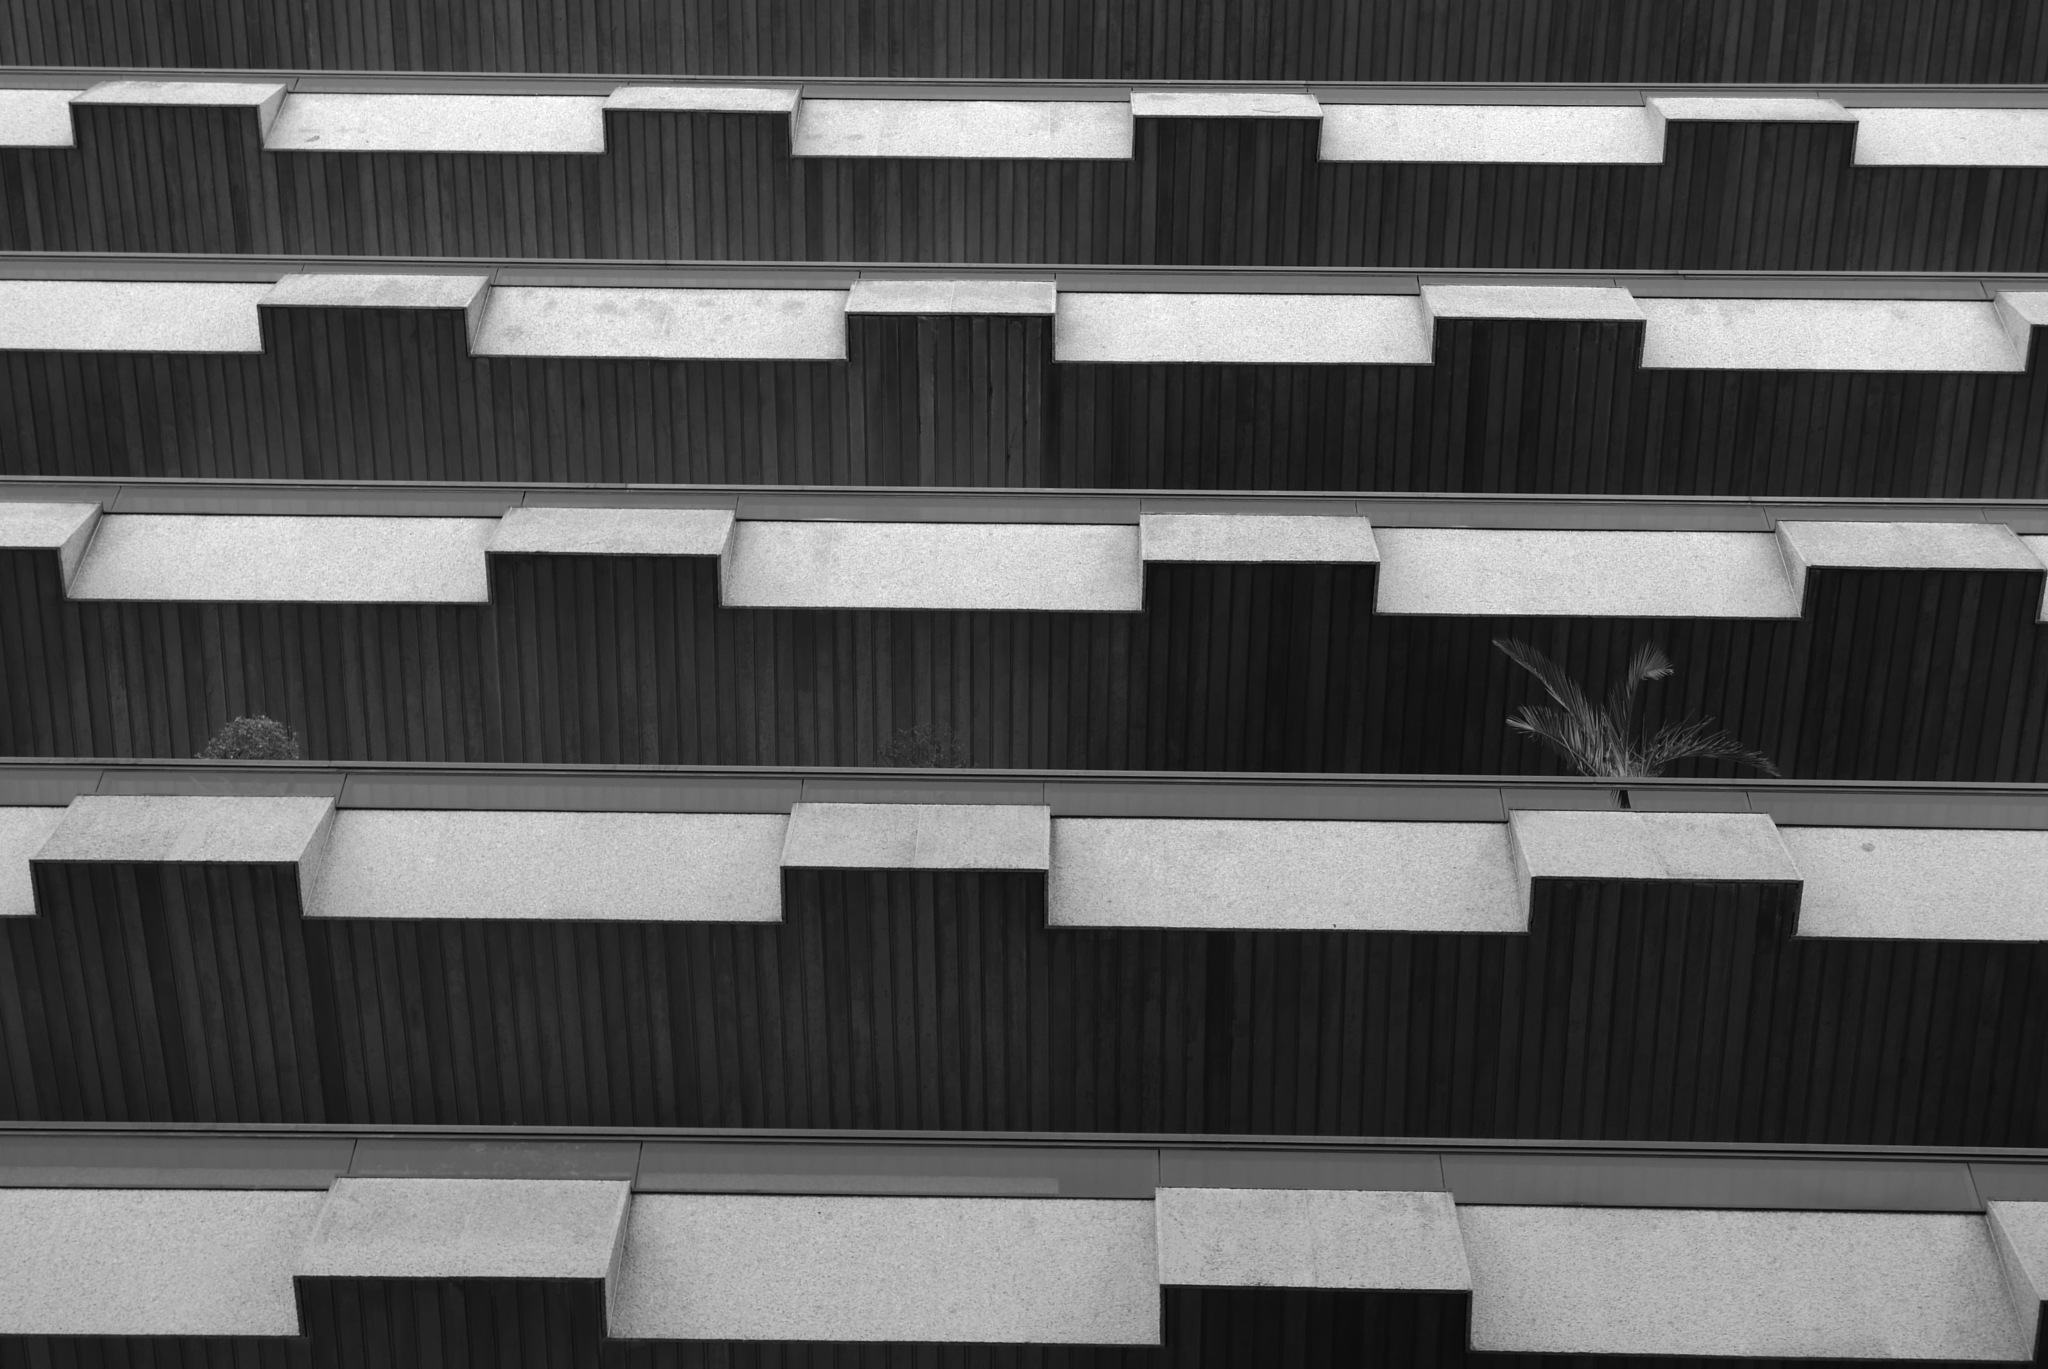 Apartments, Rúa Pablo Morillo, Vigo, Spain by tony cullen